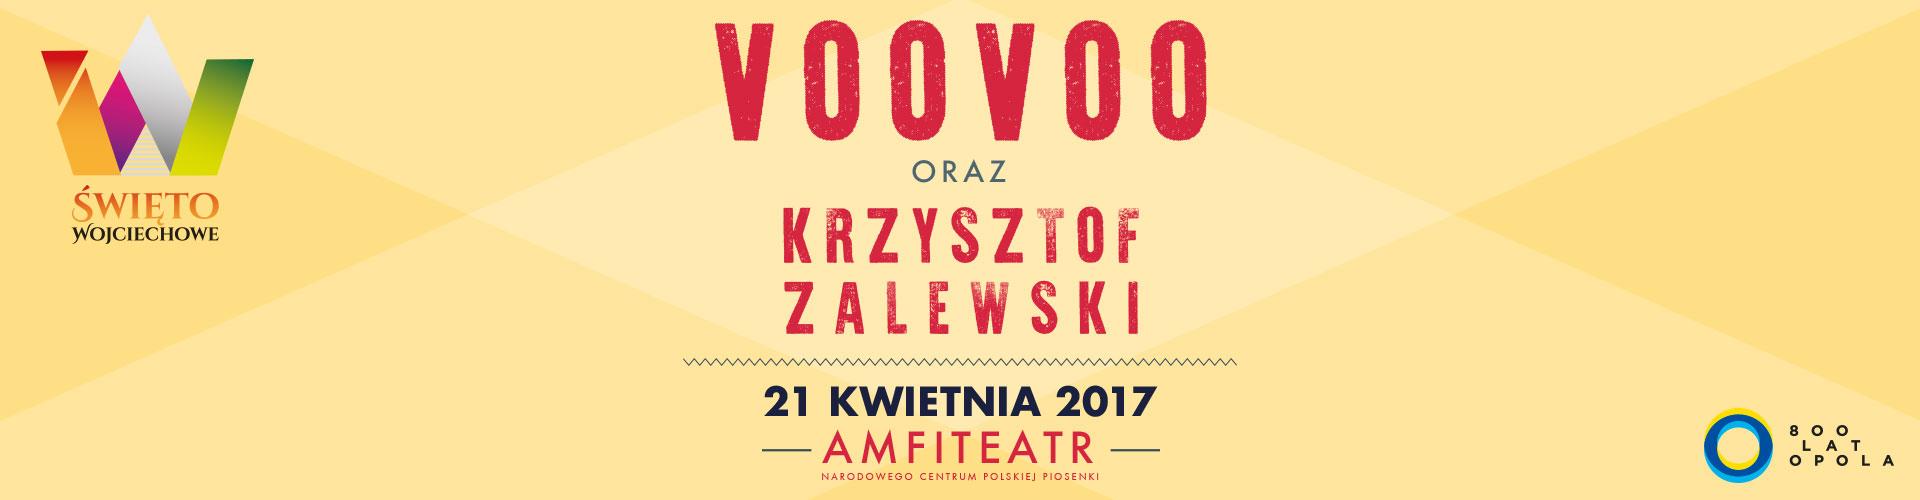 slide_voovoo2017